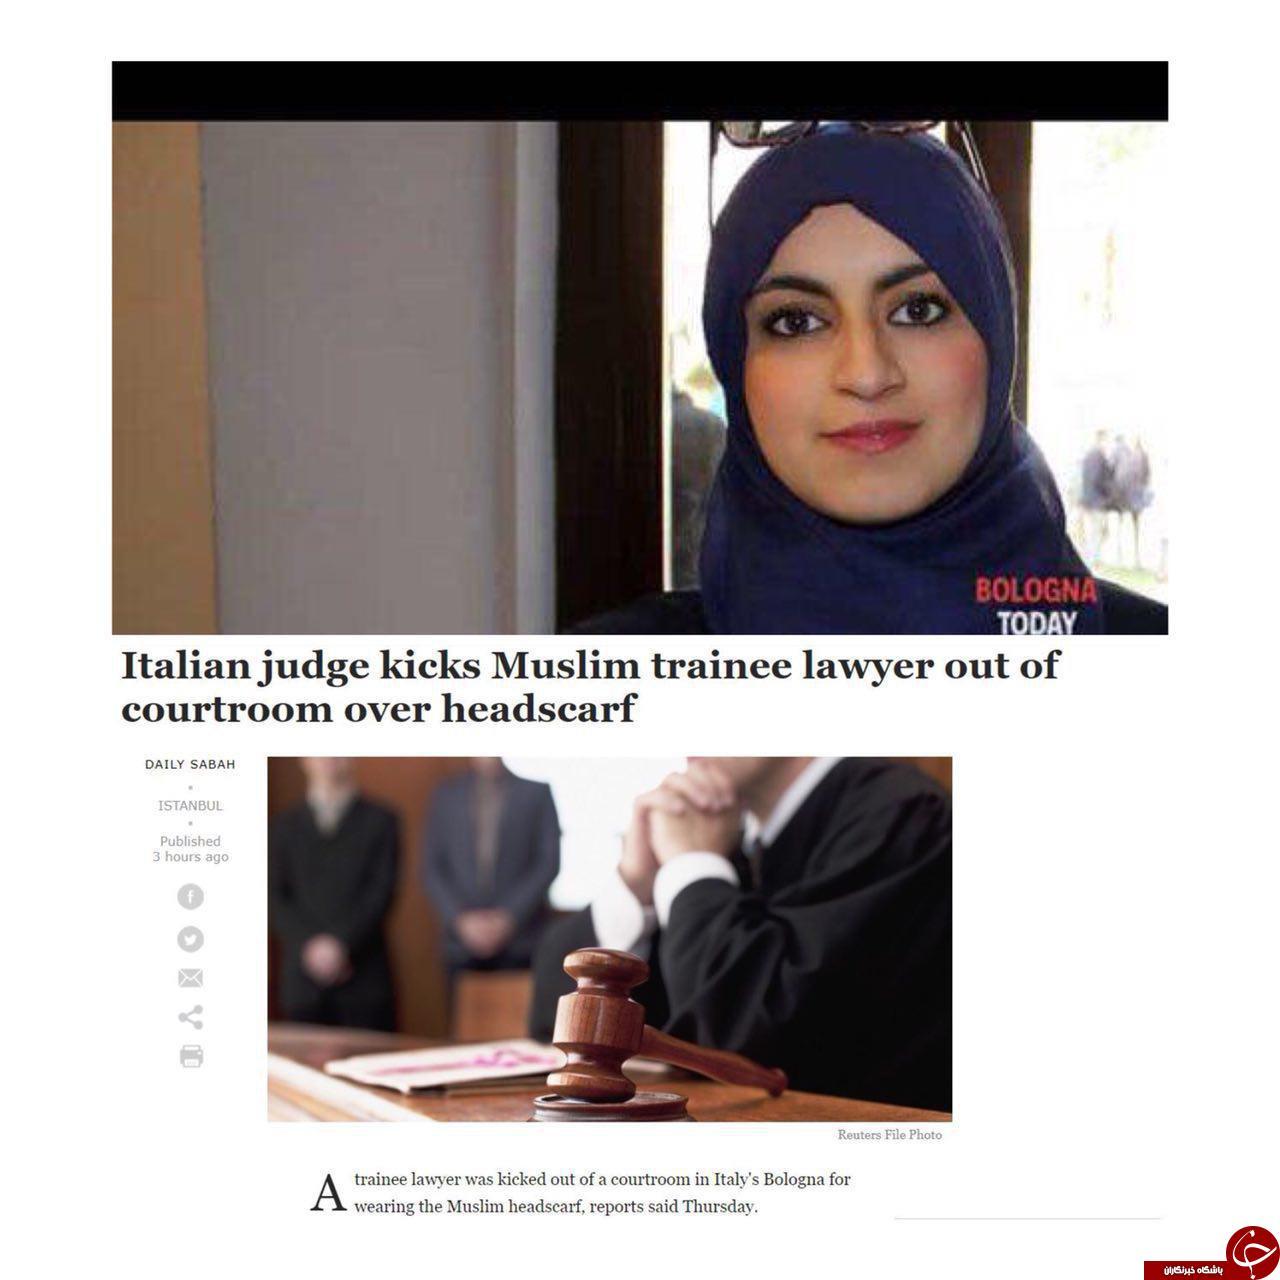 اخراج وکیل مسلمان به دلیل حجاب از دادگاه ایتالیا+ عکس